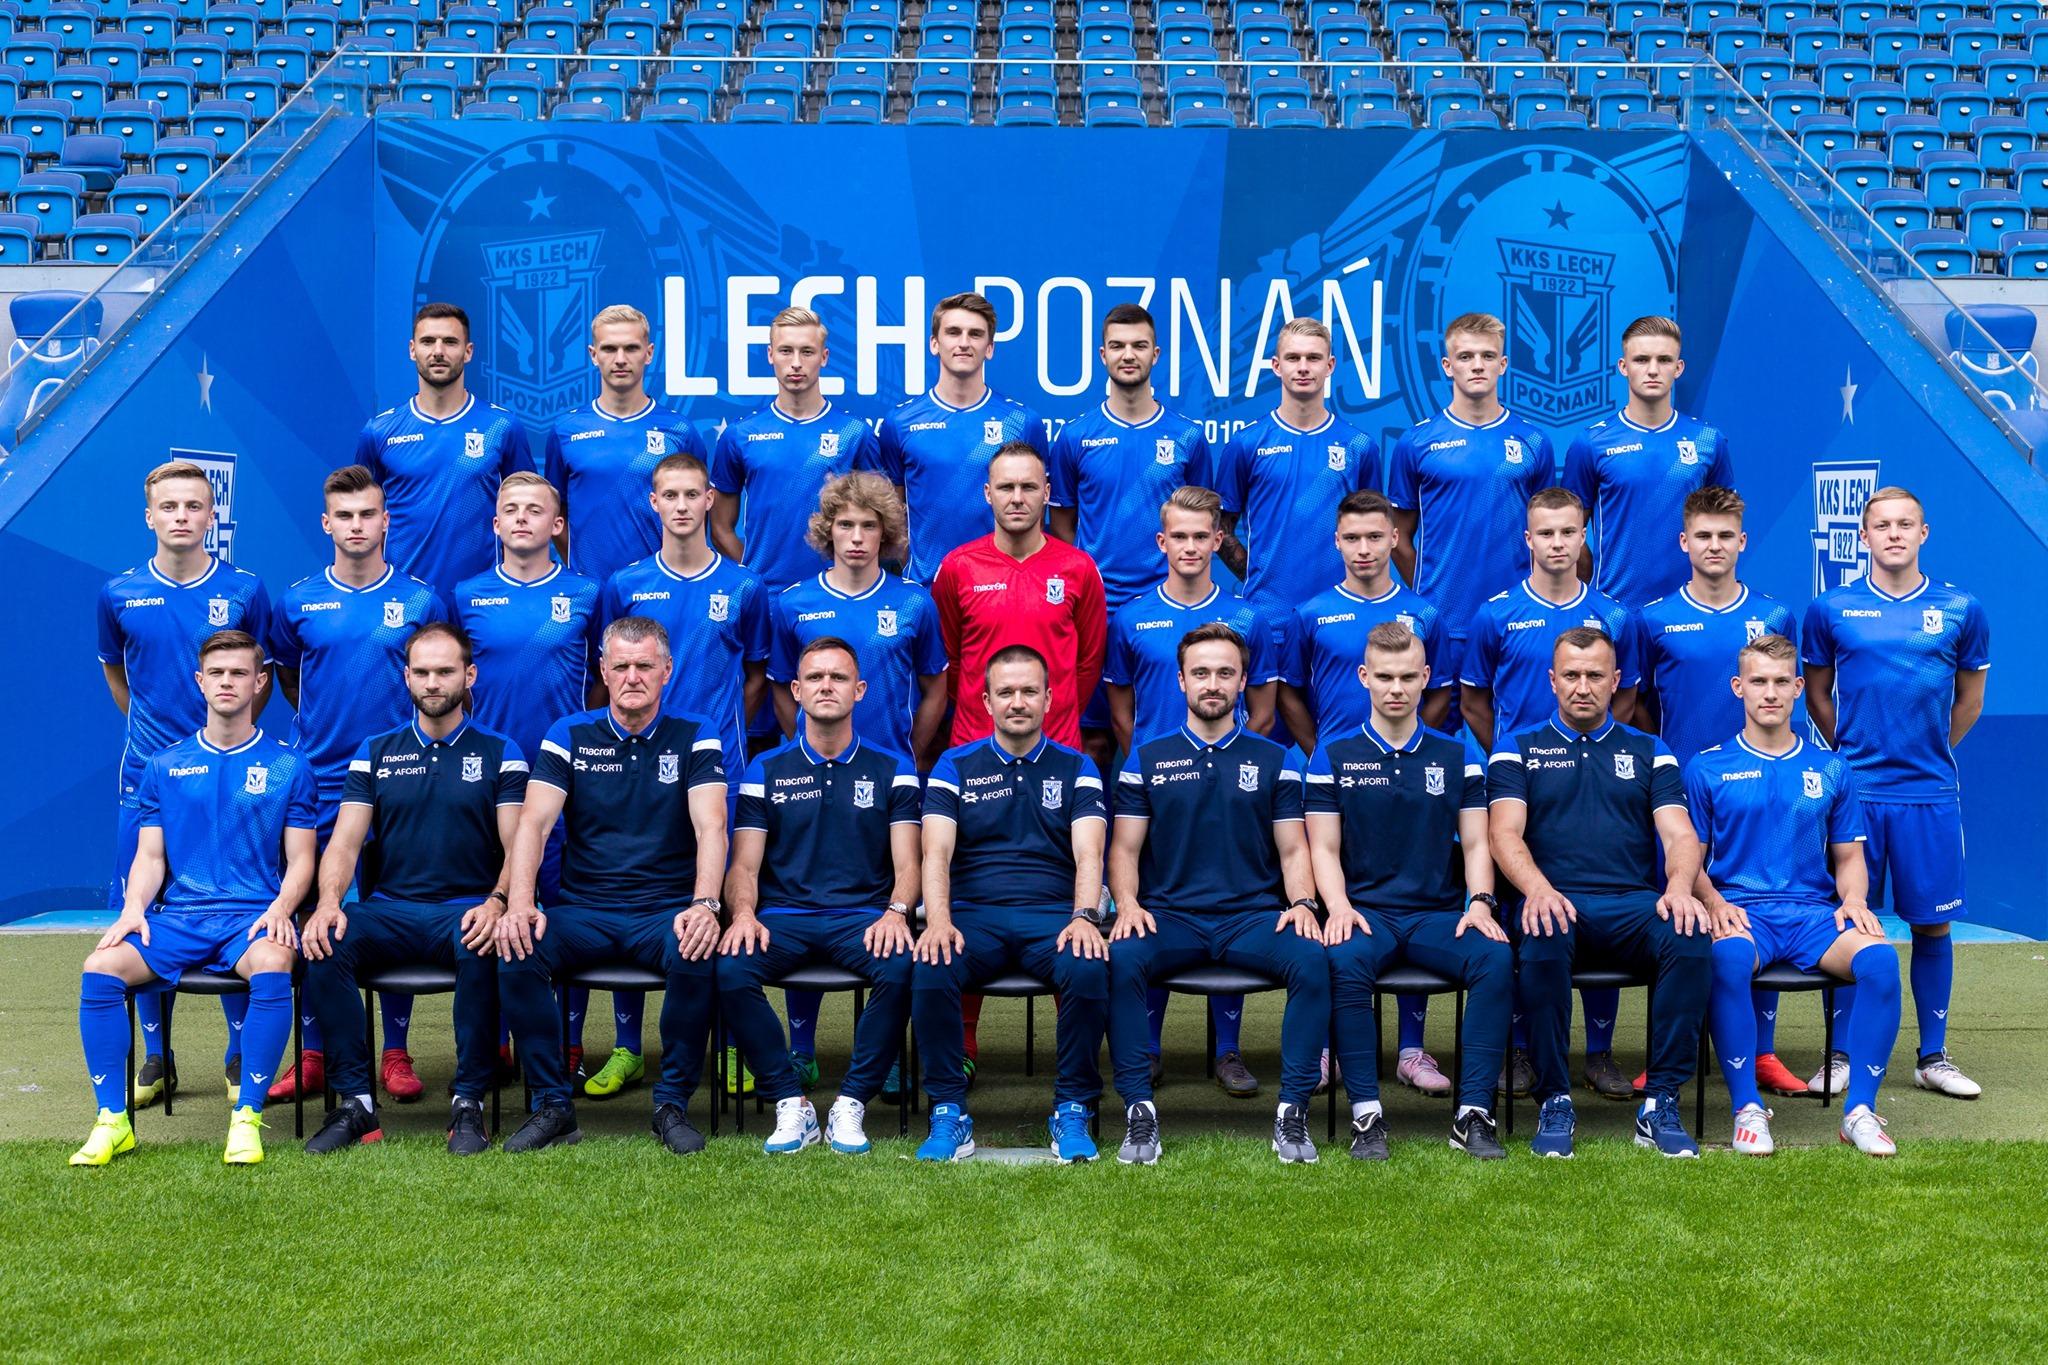 lech poznań II - FB: Lech II Poznań